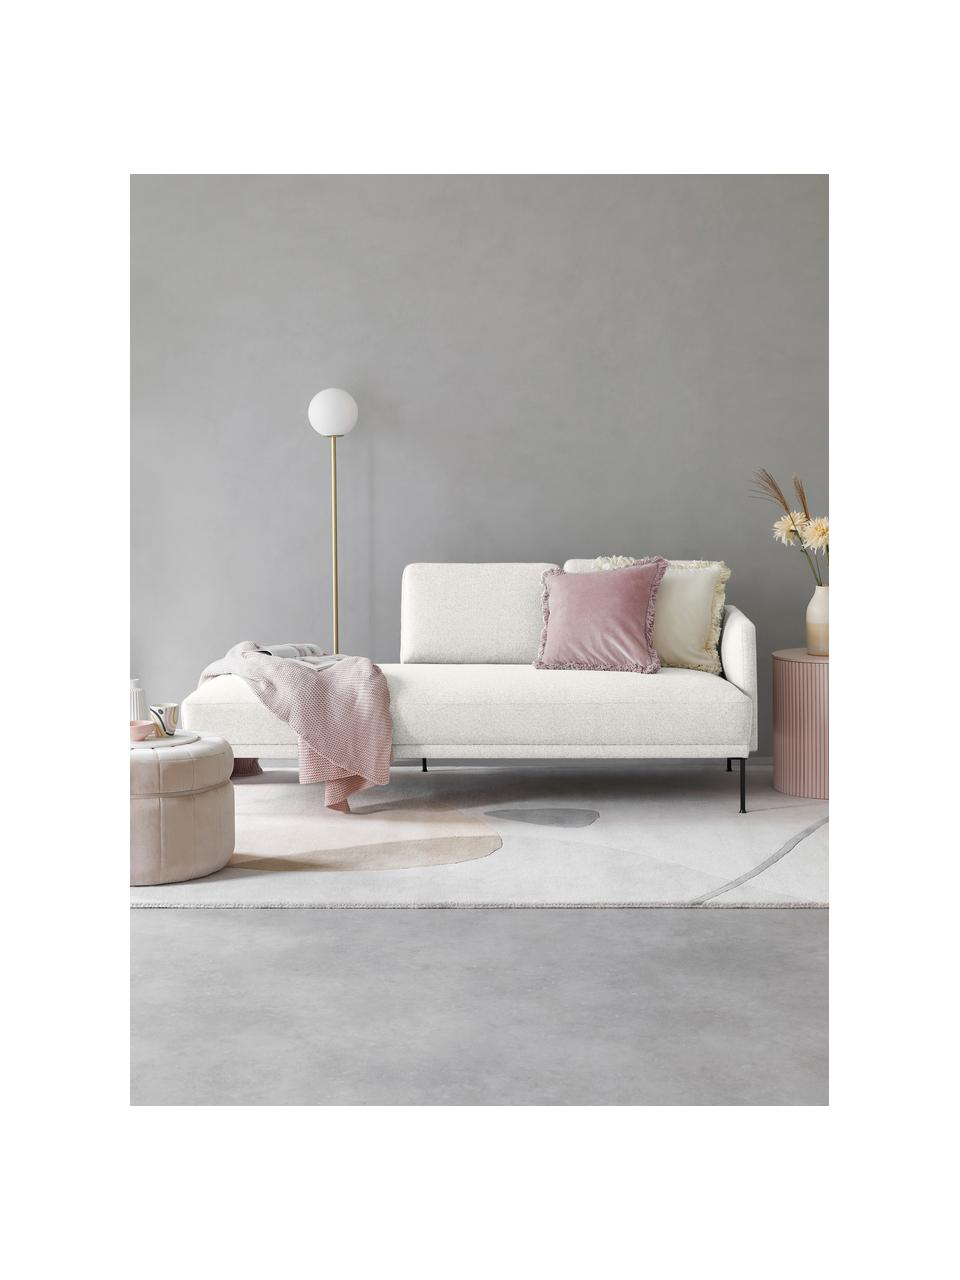 Chaise longue Fluente in beige met metalen poten, Bekleding: 80% polyester, 20% ramie , Frame: massief grenenhout, Poten: gepoedercoat metaal, Geweven stof beige, 202 x 79 cm